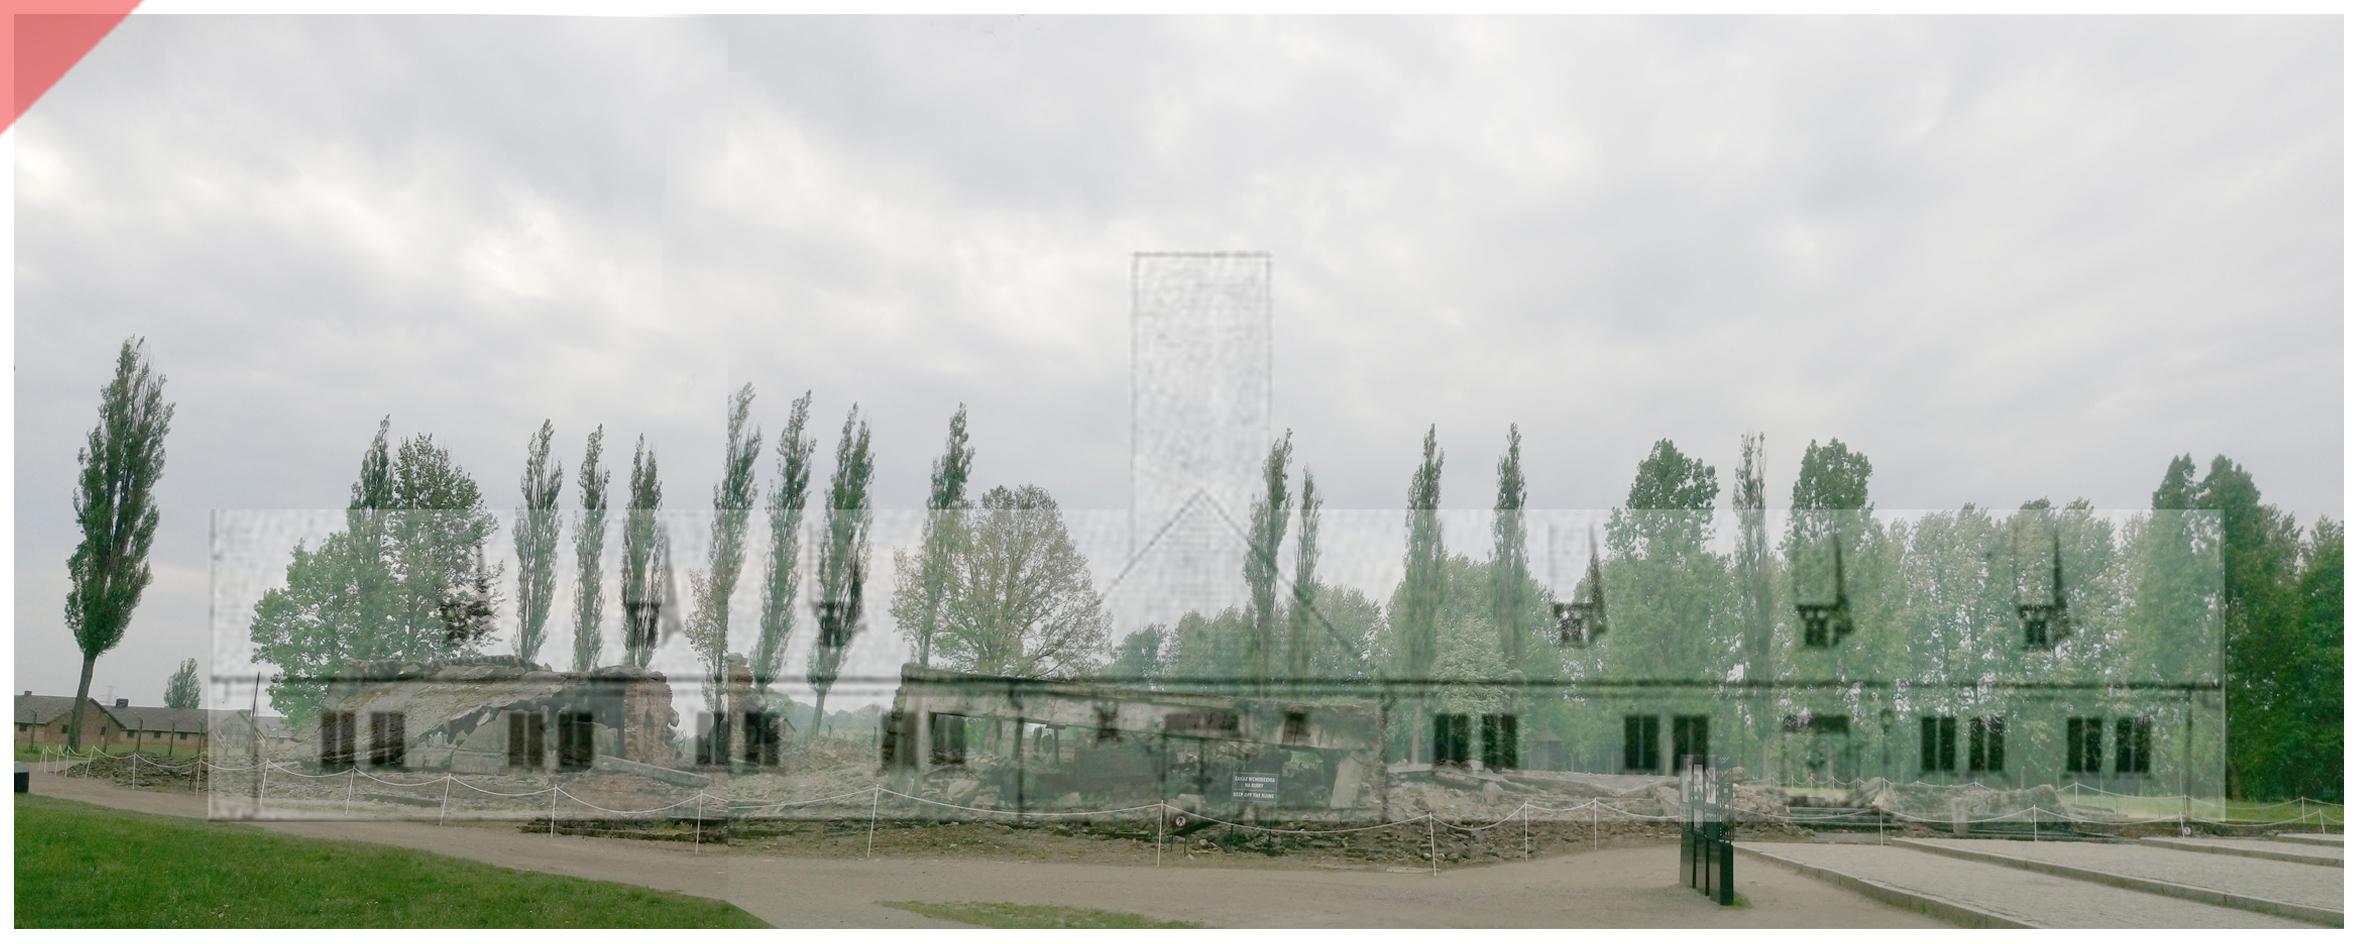 Auschwitz-Birkenau-Krematorium-2-II-superimpose-now-then-1943-1944-Photo